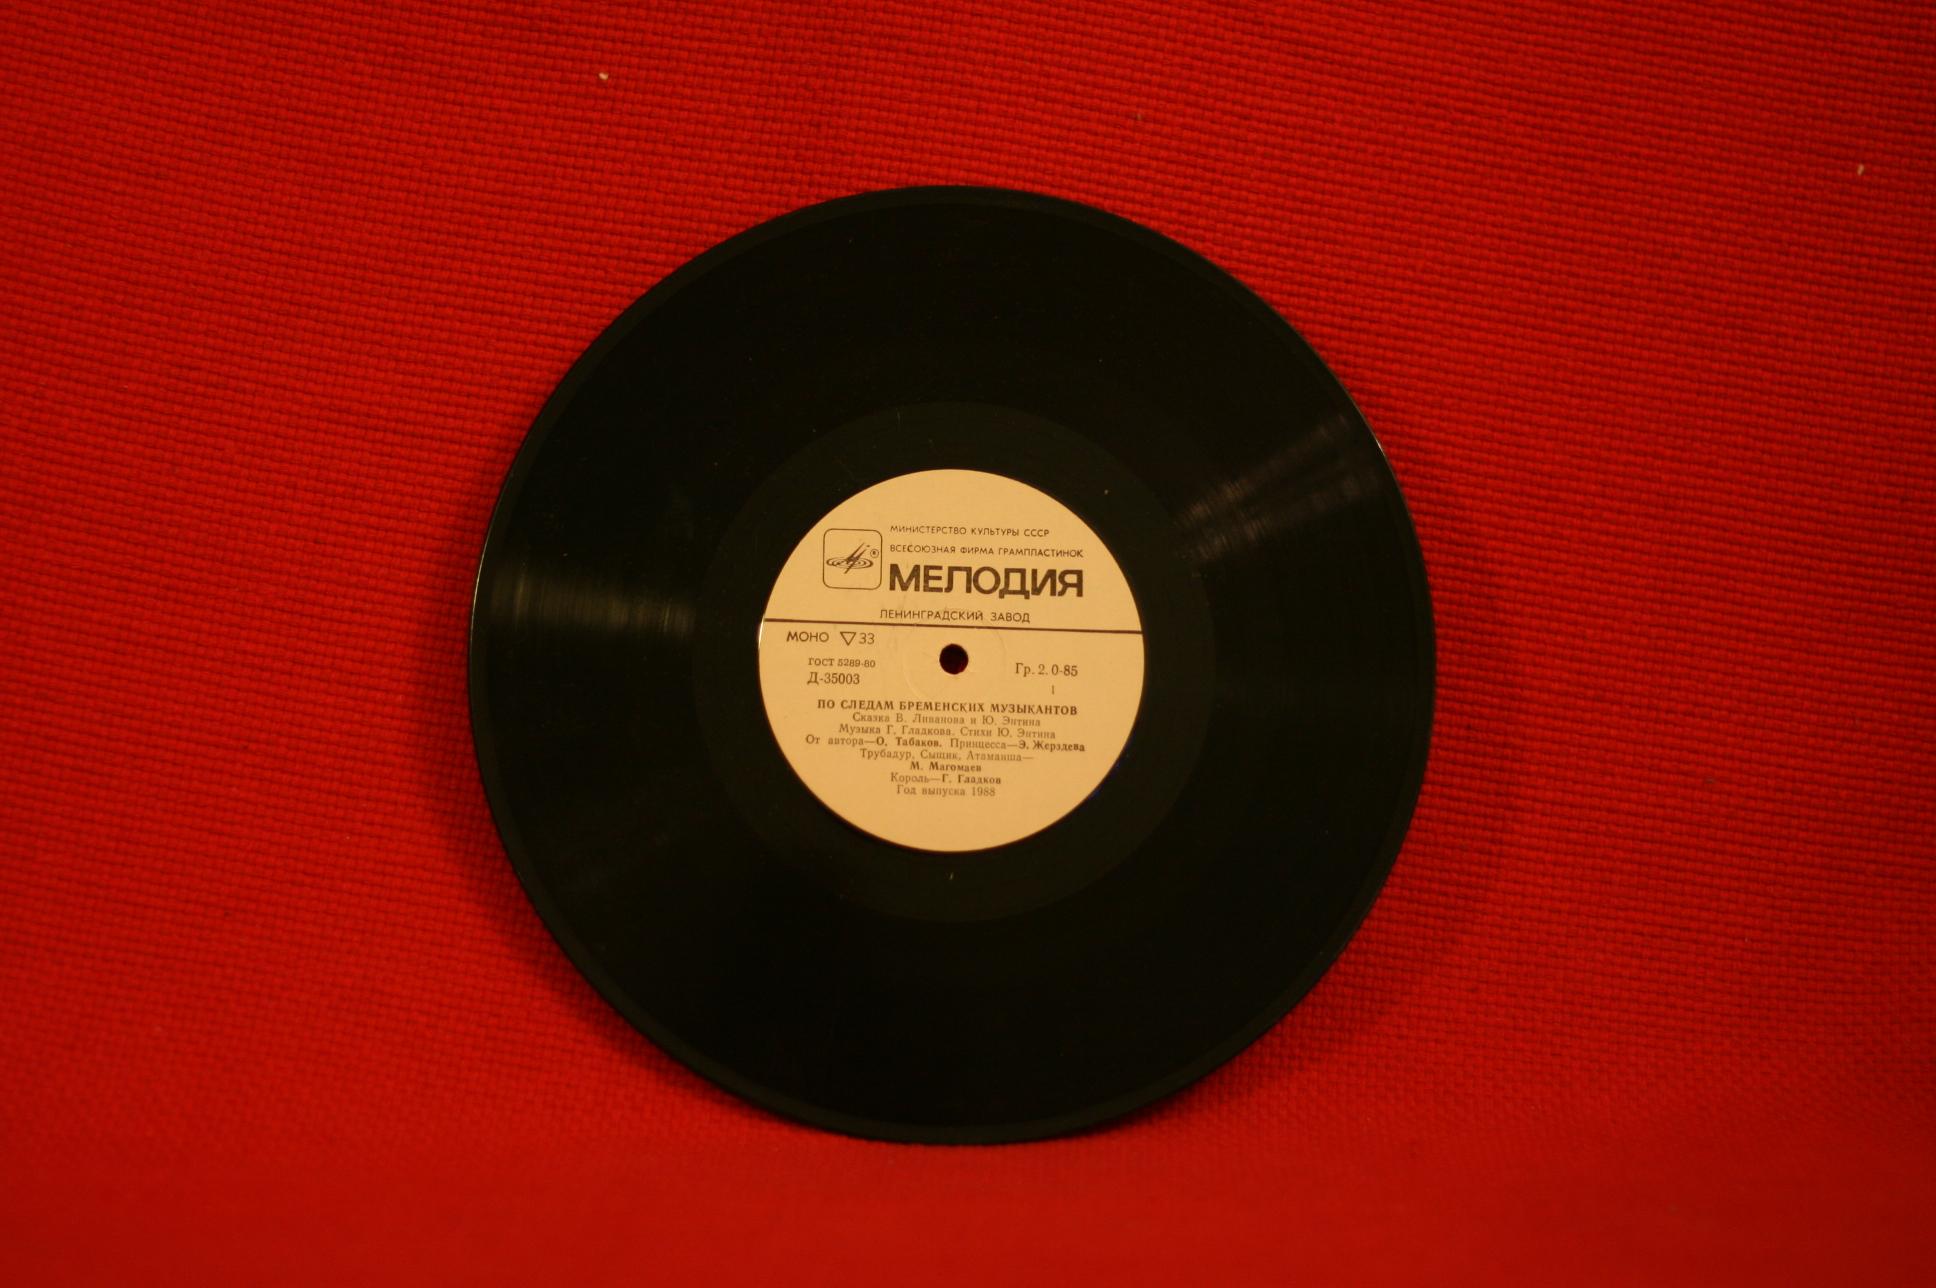 Рок'н'ролл, джаз, поп и классика в одной коробке